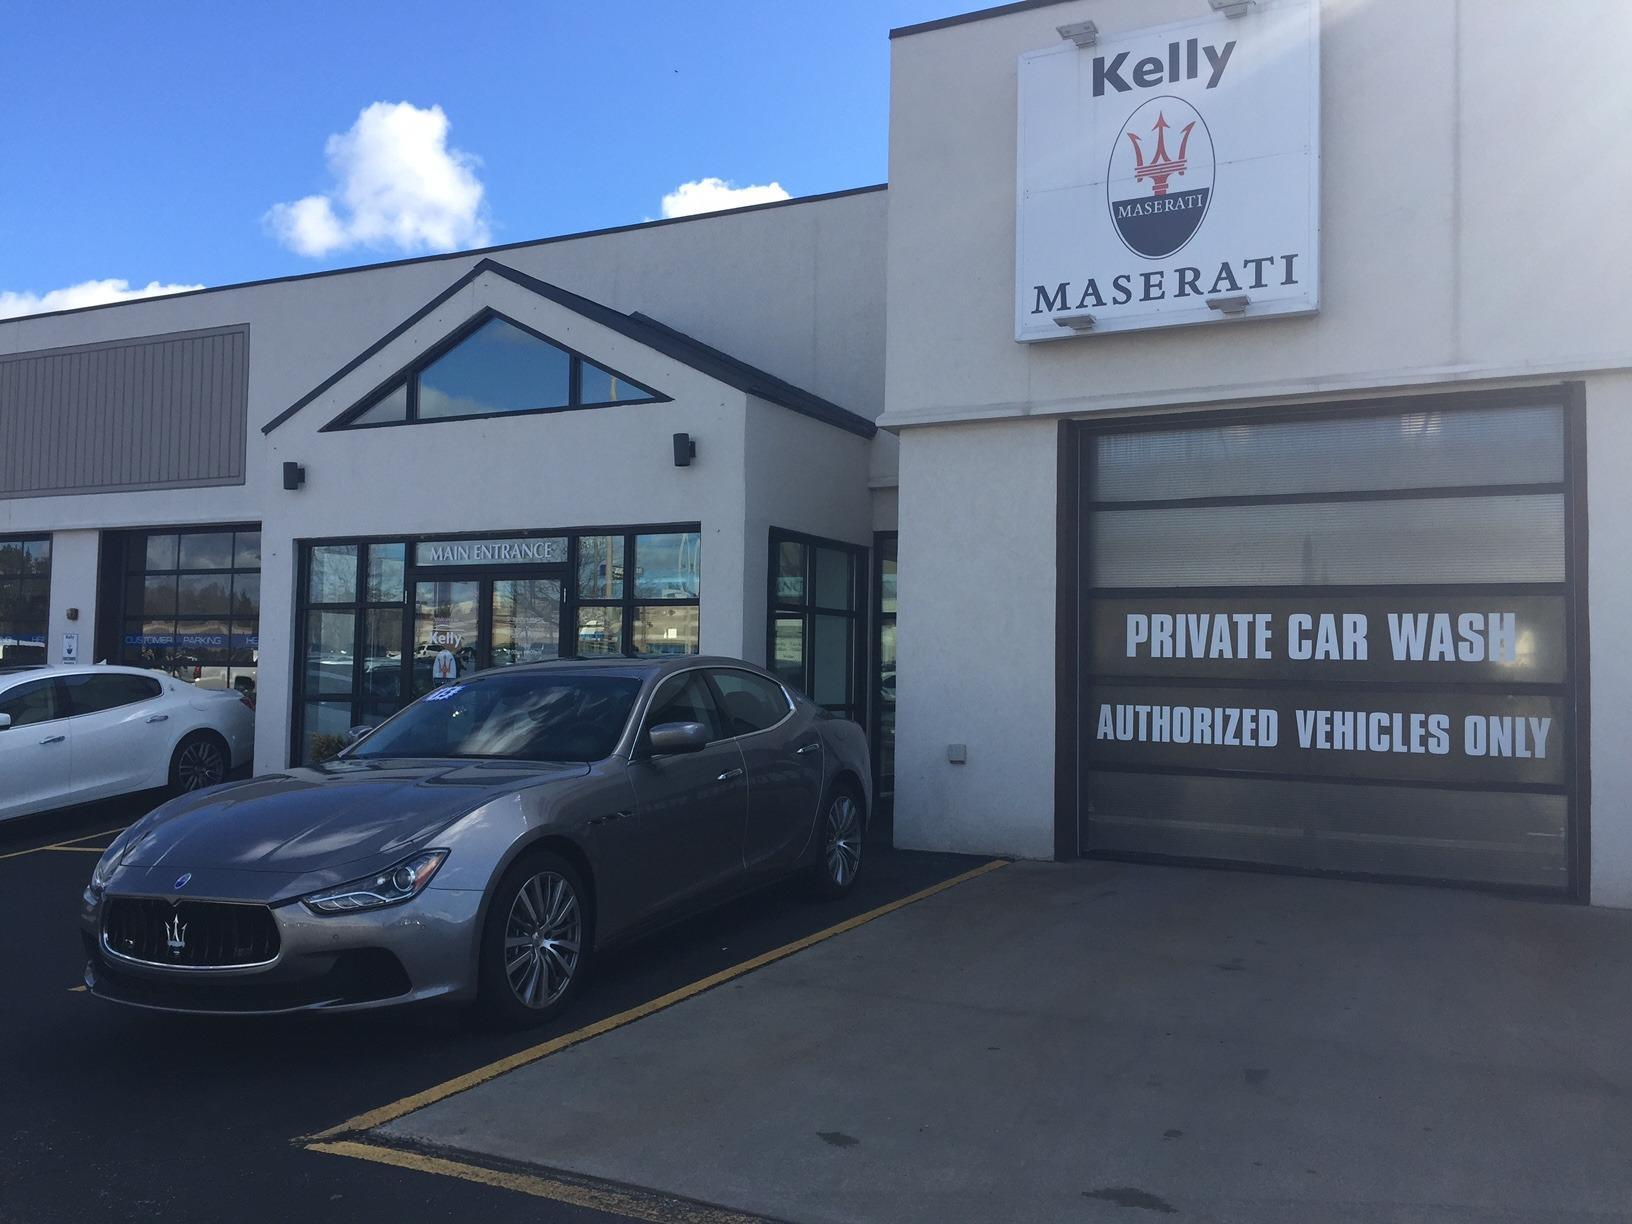 Kelly Maserati image 1